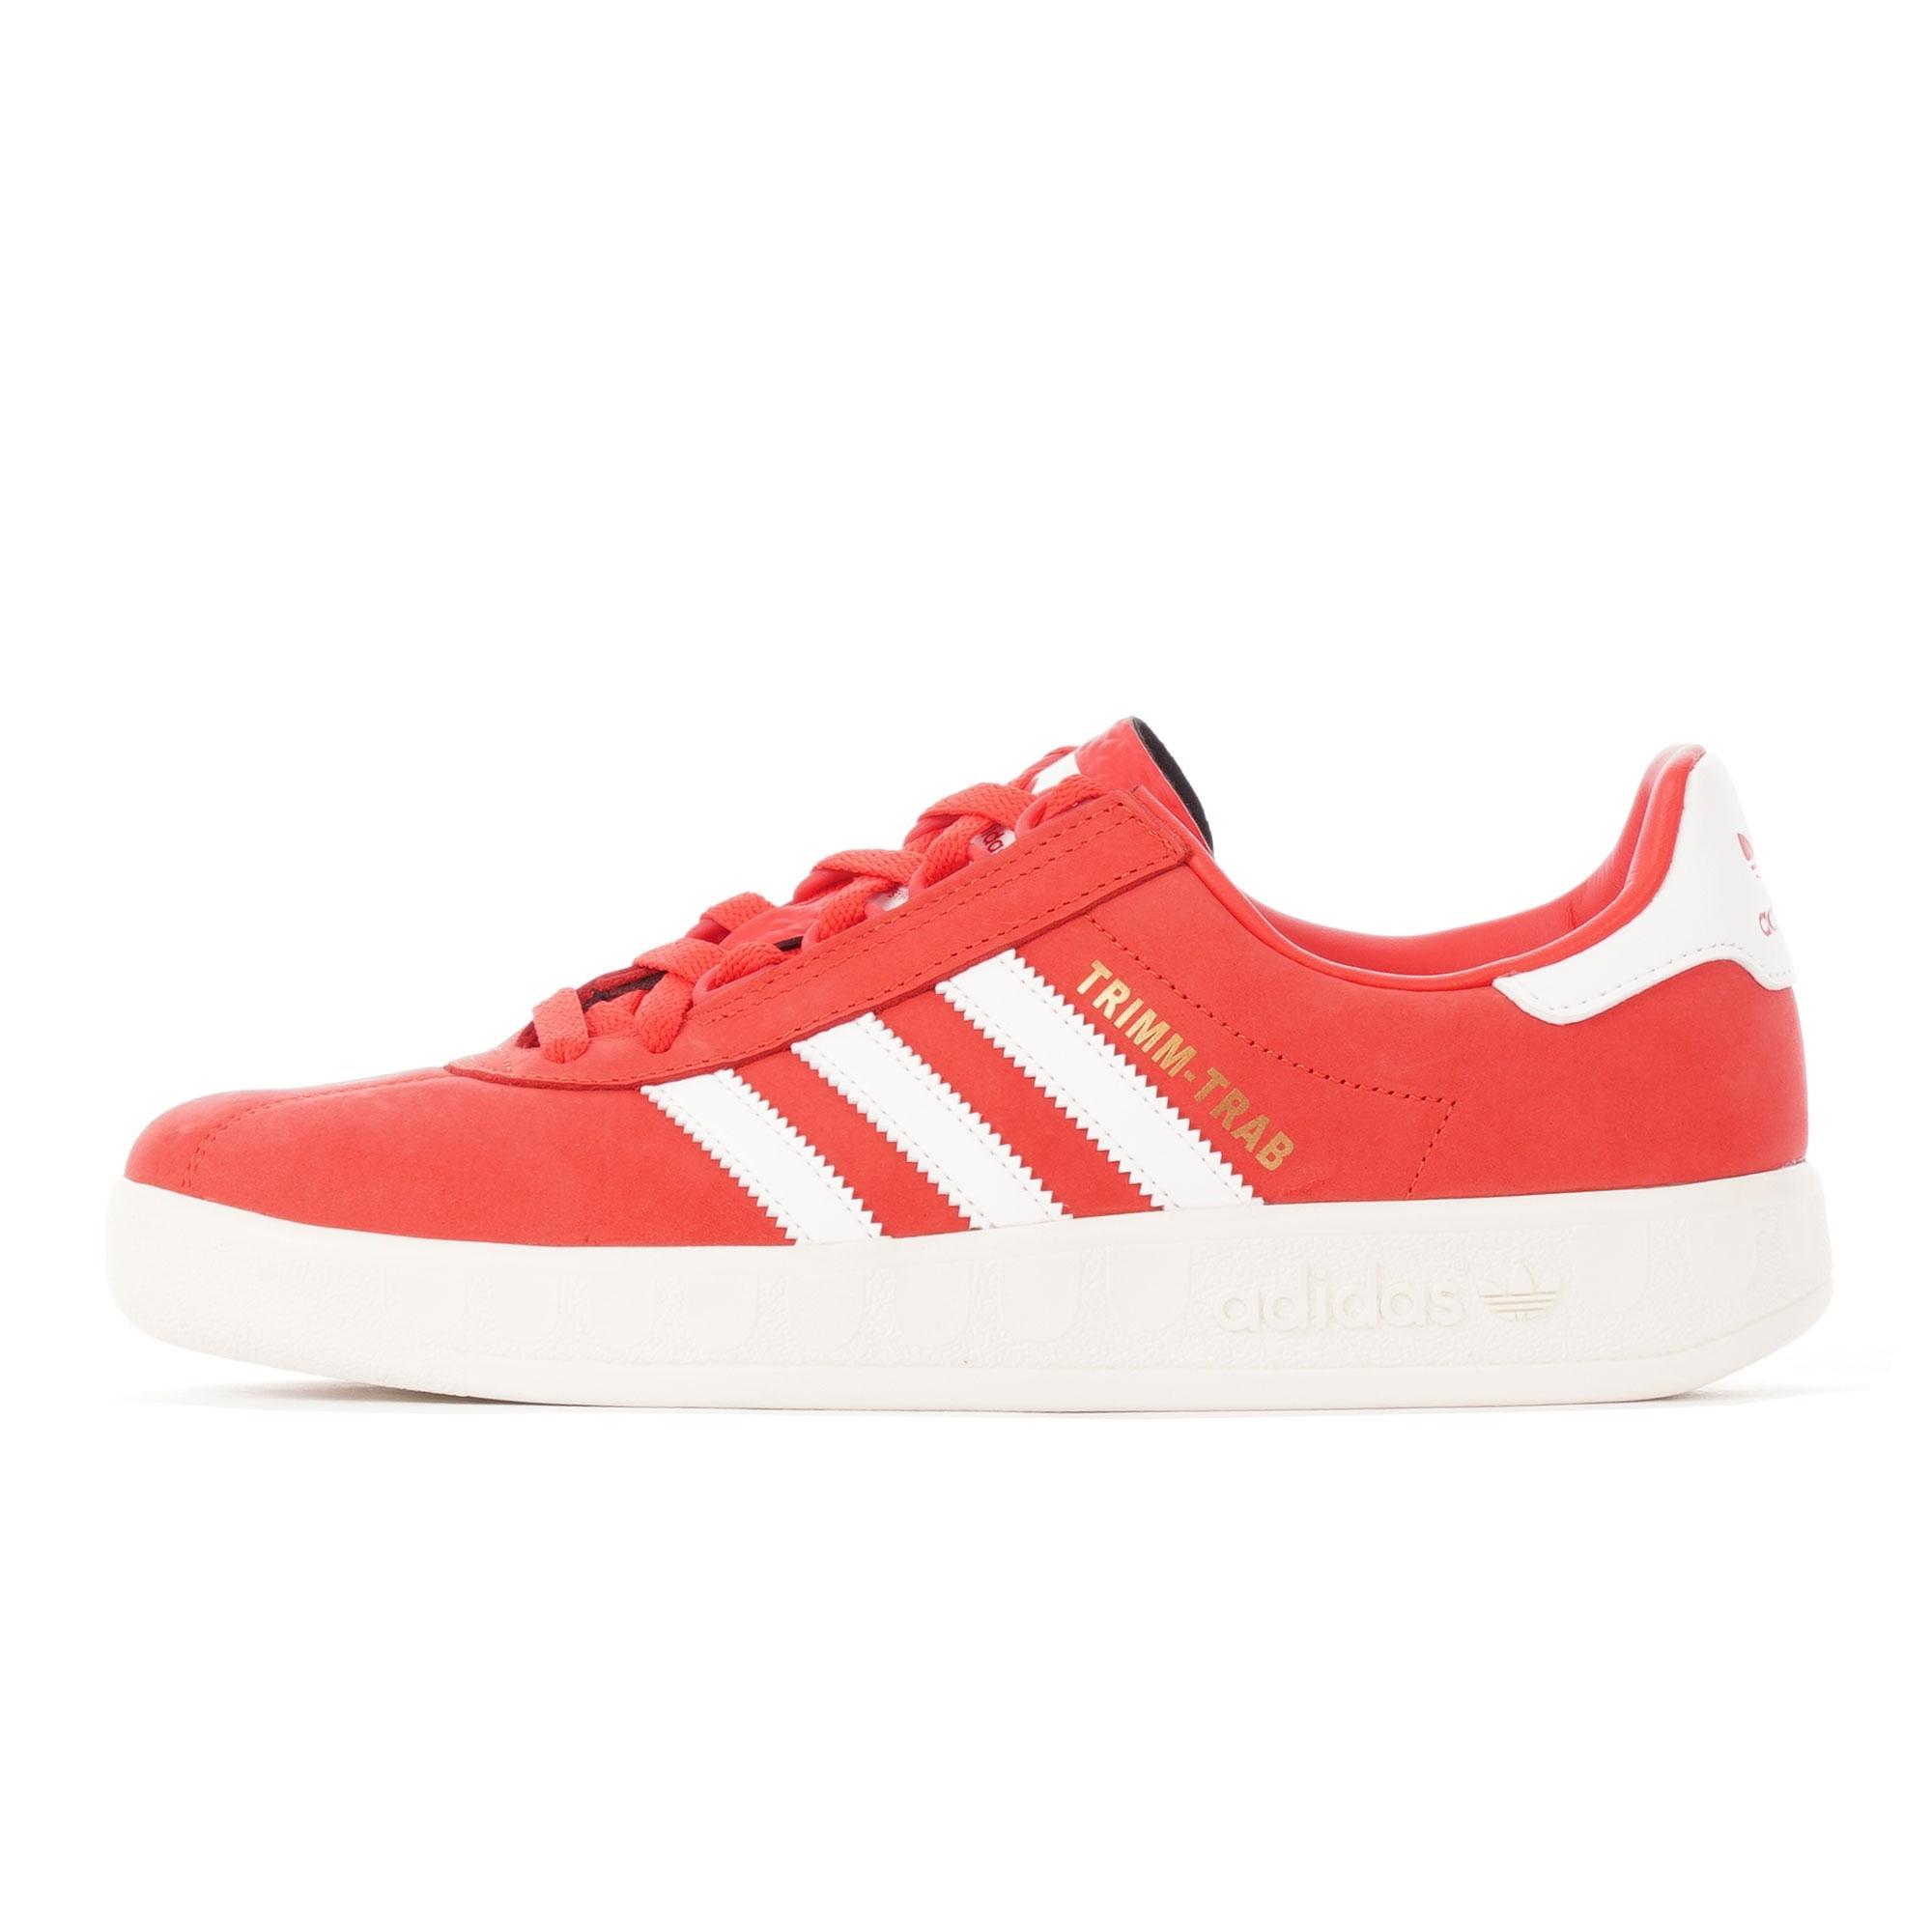 5f9c8d0b4 Adidas Originals - Trimm Trab - Active Red